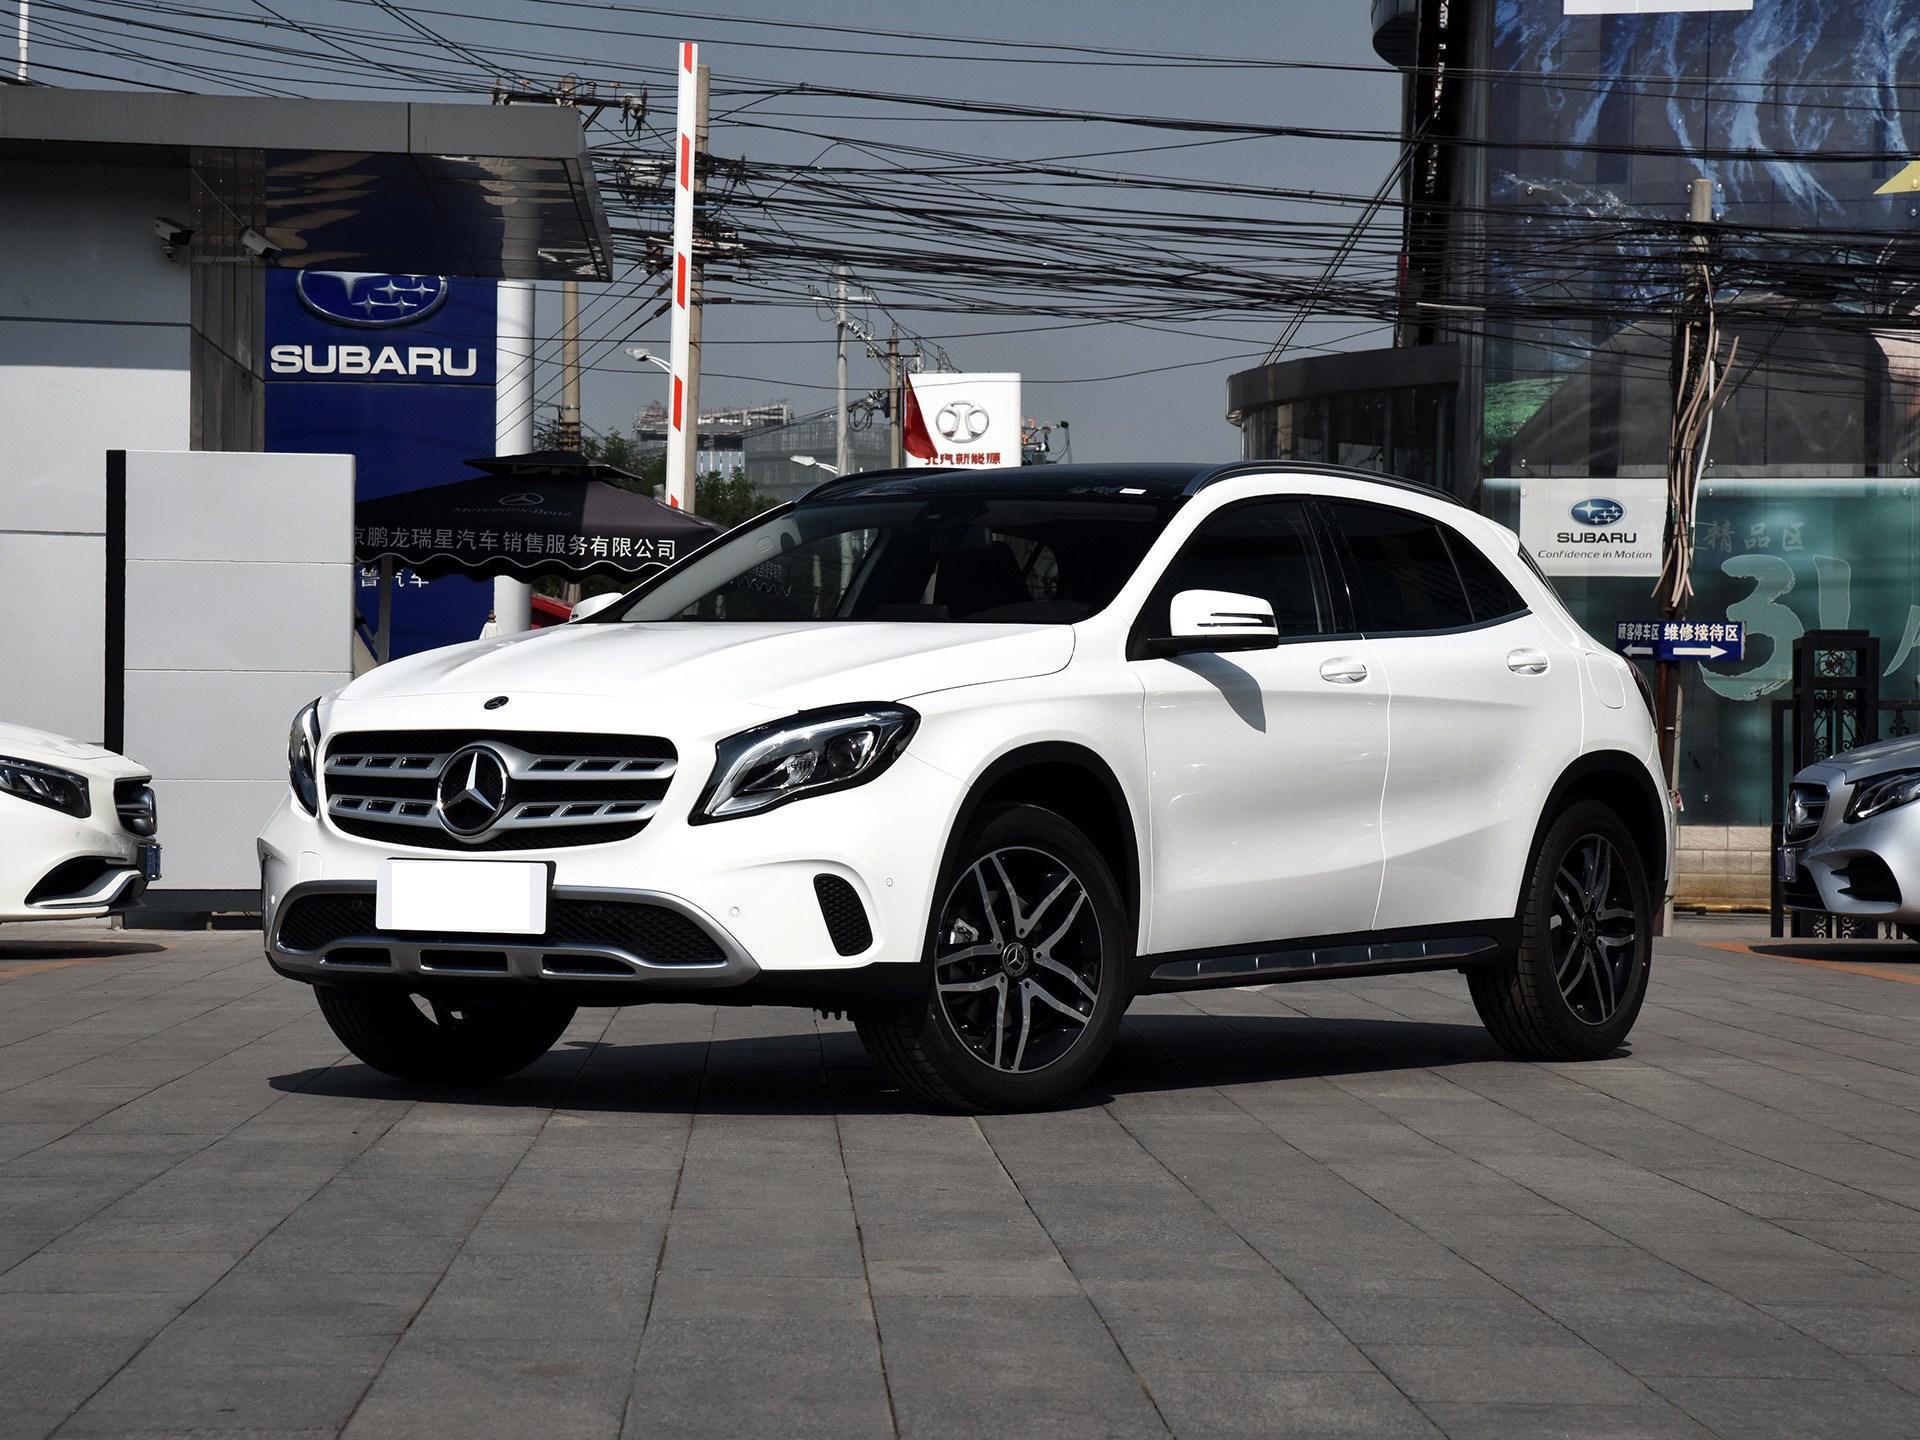 售27.18-39.9万元 2018款奔驰GLA上市